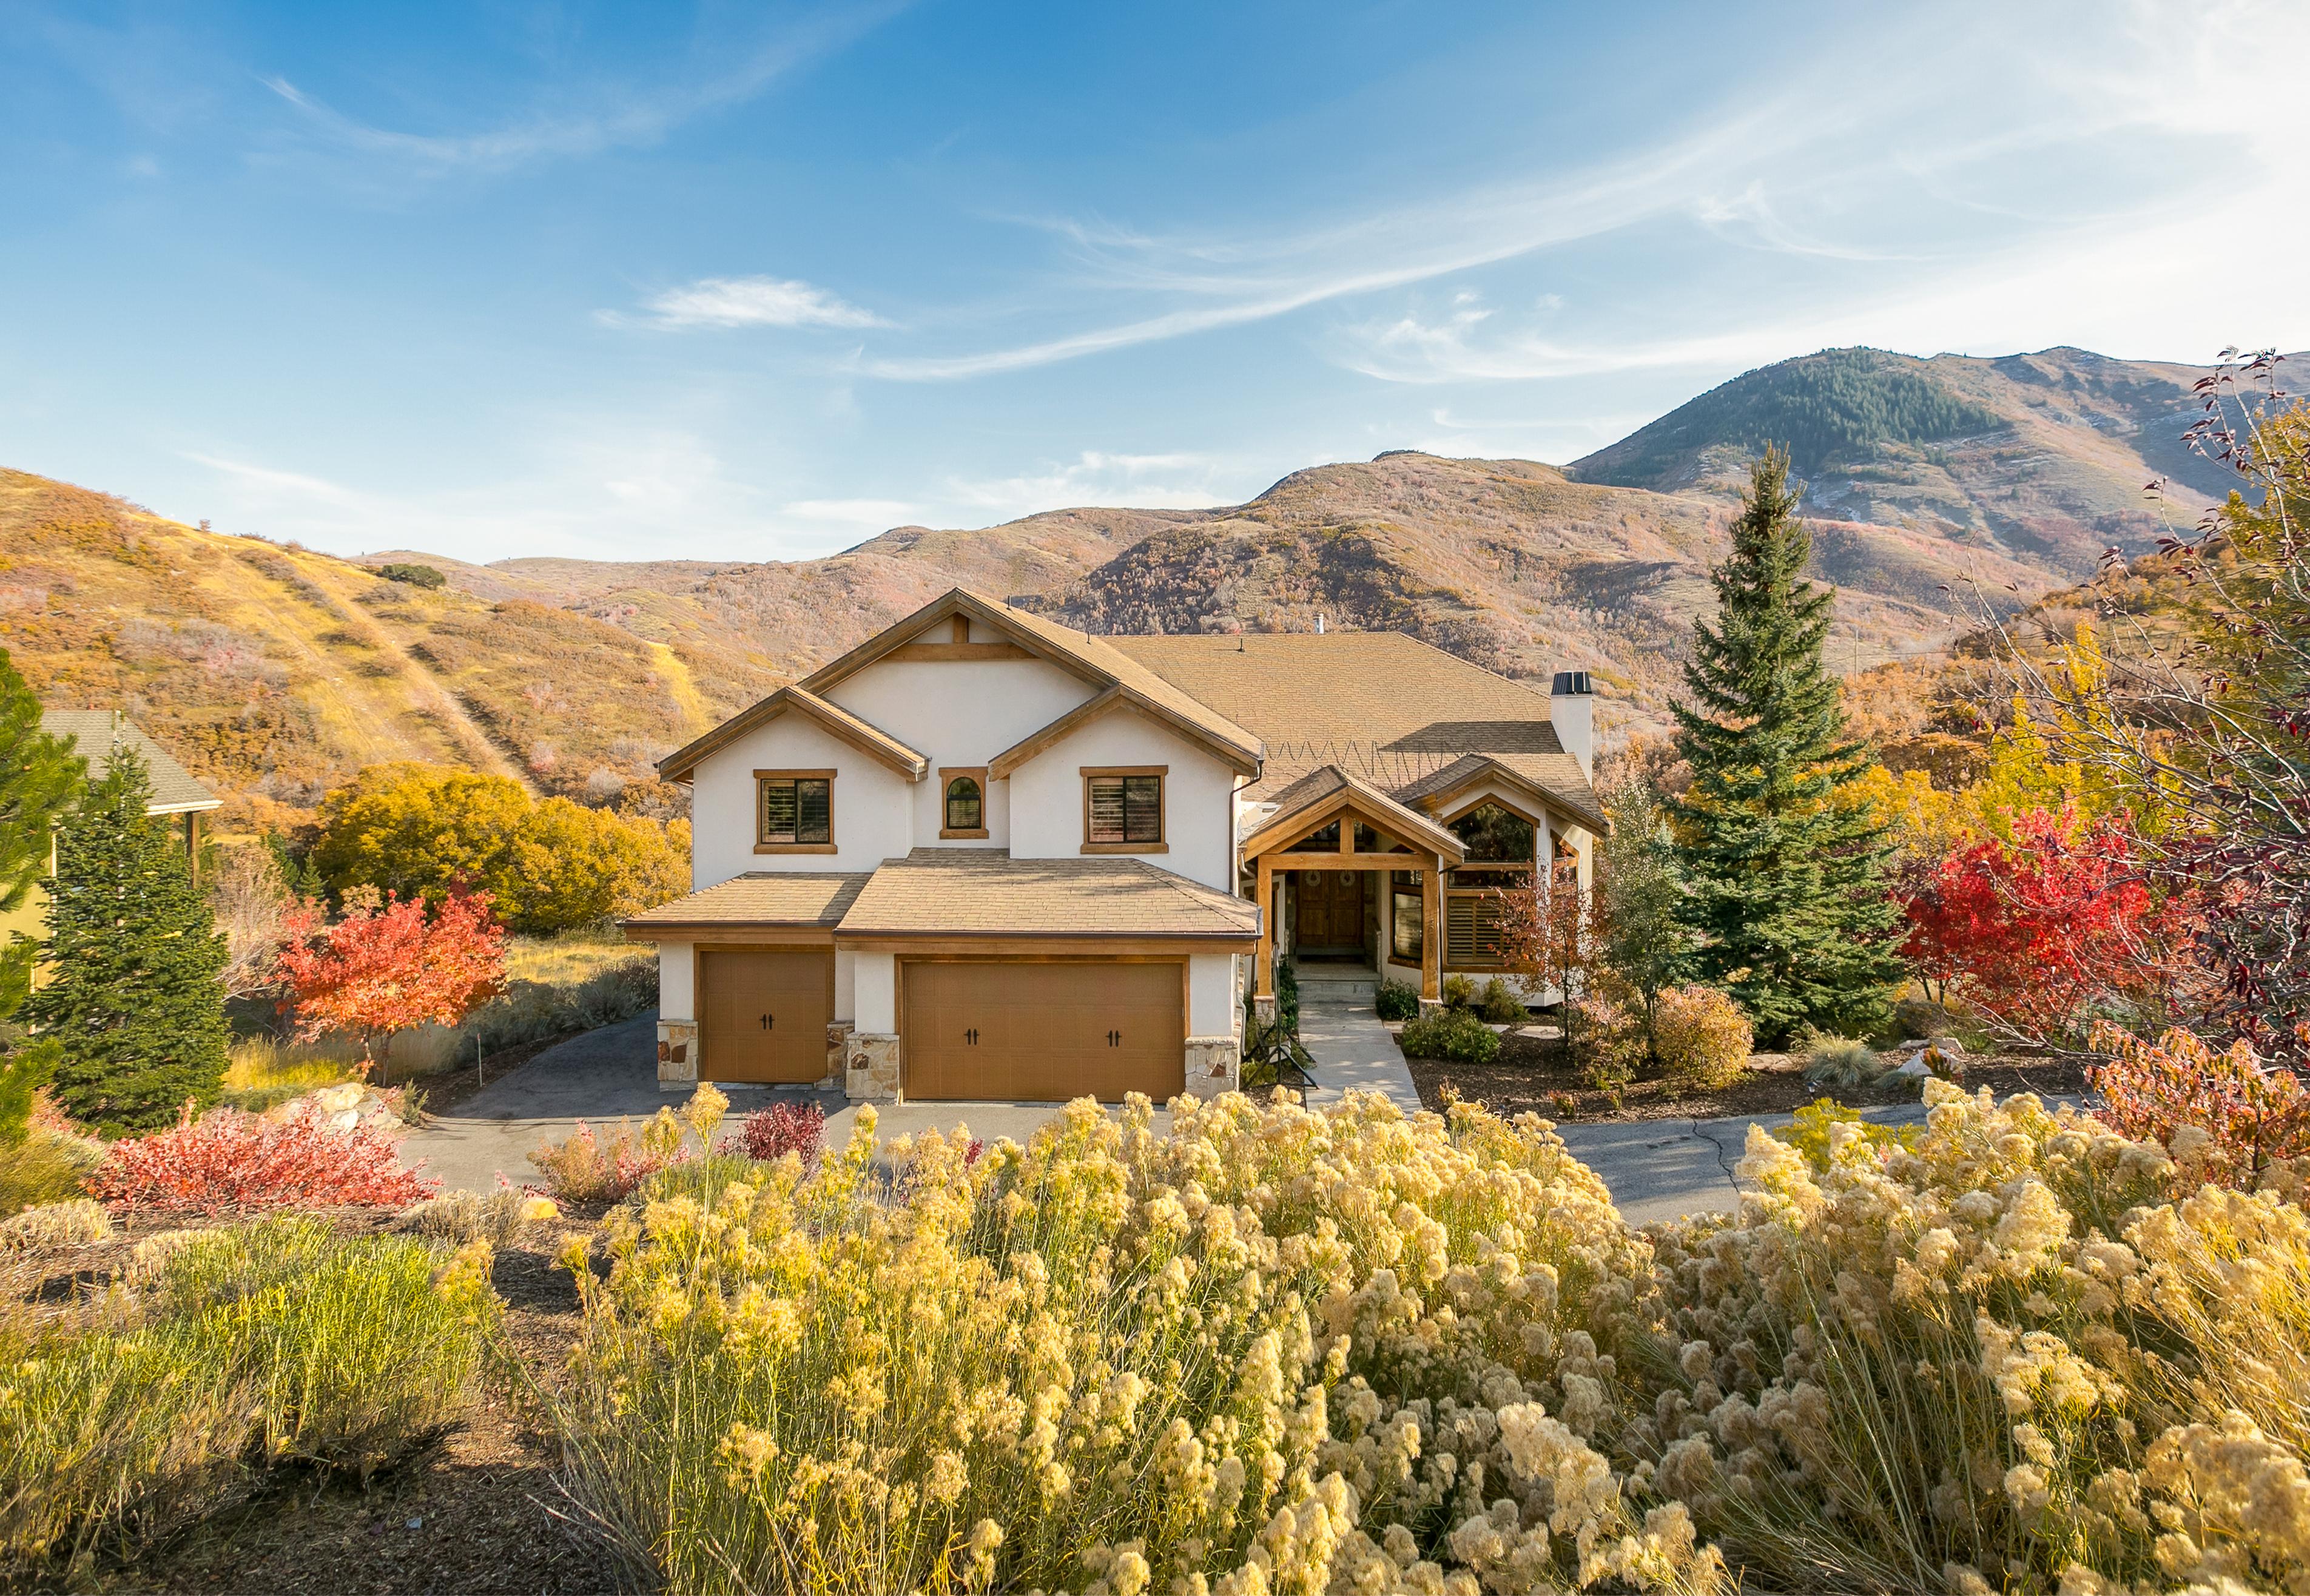 Spacious Mountain Contemporary Home